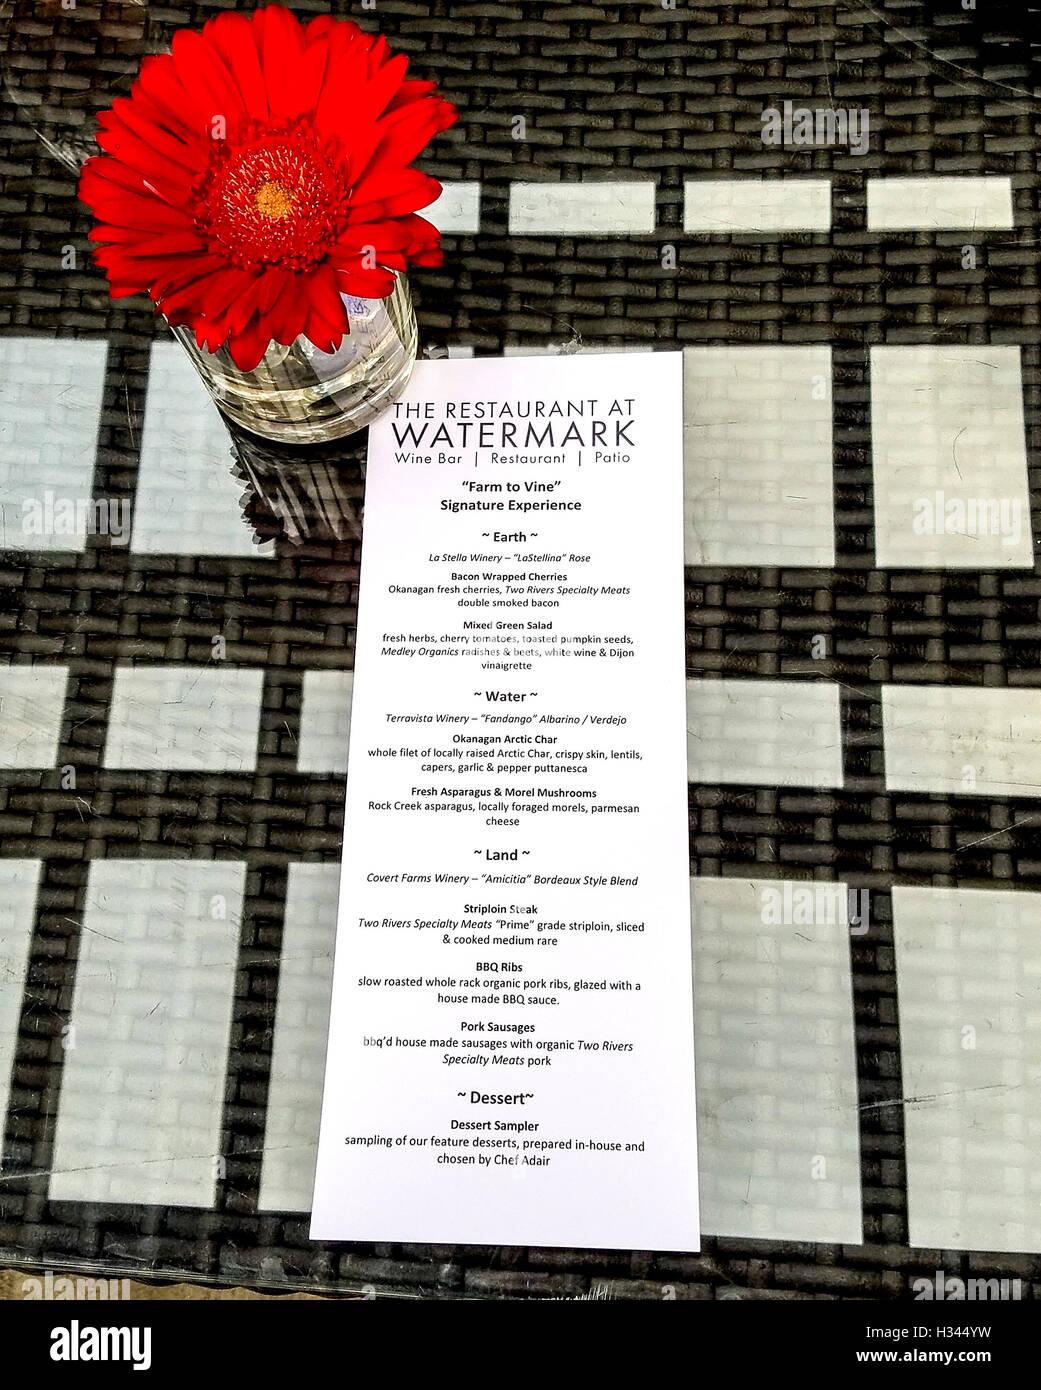 Menü für Farm Rebe Signatur Erfahrung Abendessen im Wasserzeichen Resort Restaurant in Osoyoos, BC, Kanada Stockbild